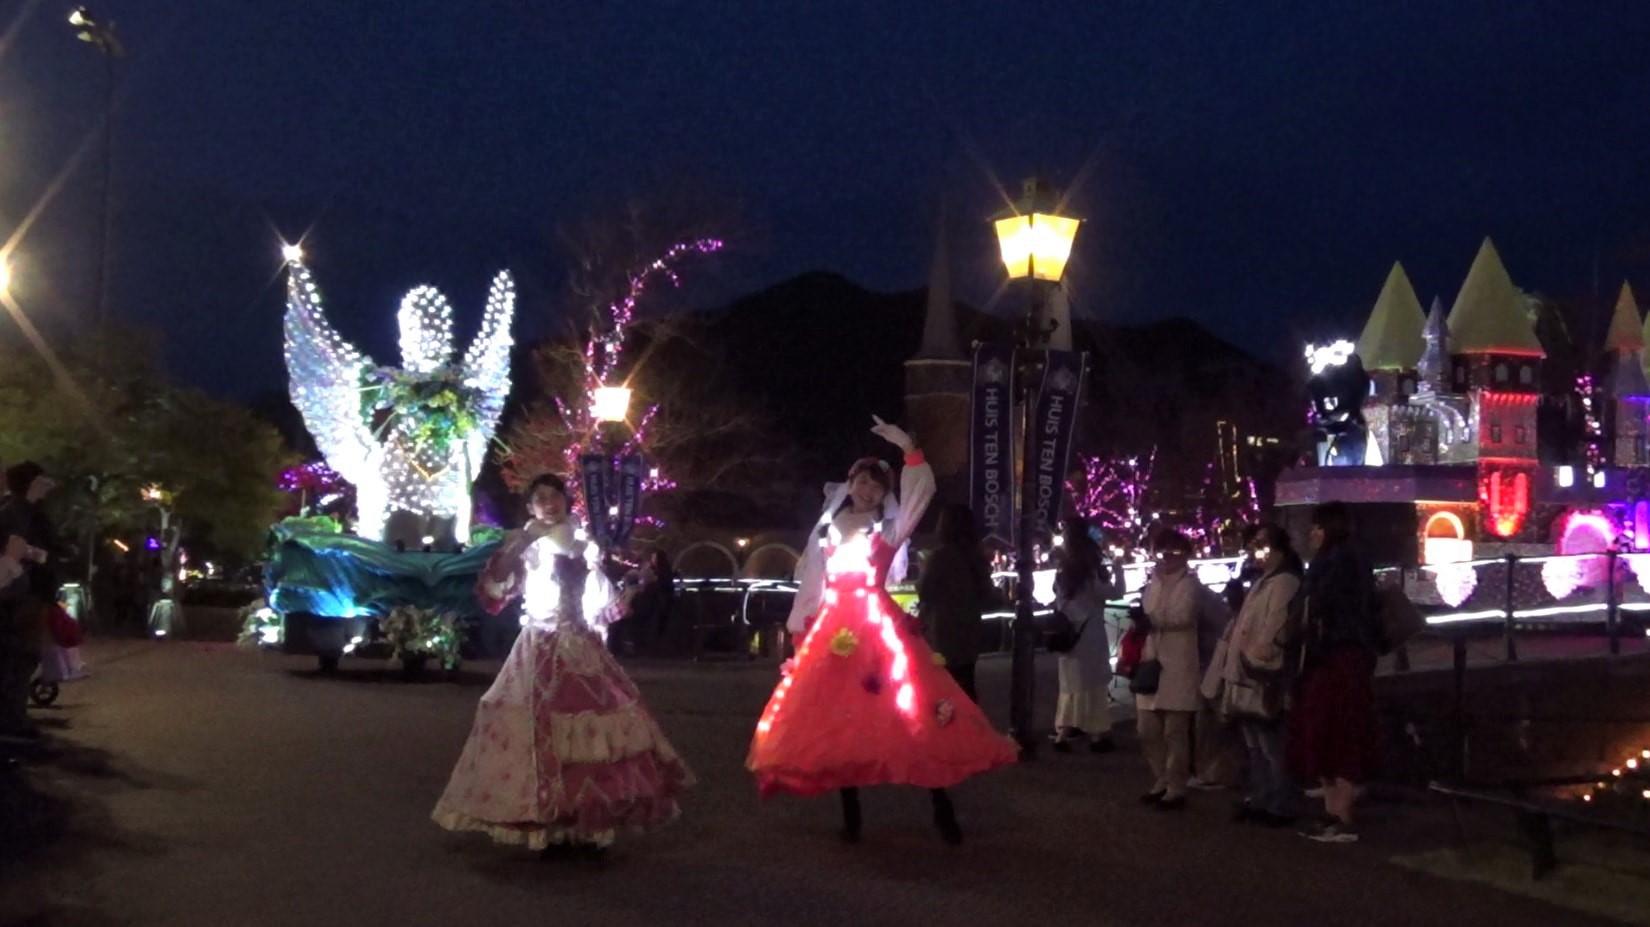 ハウステンボス 光の王国 回り方 光のパレード